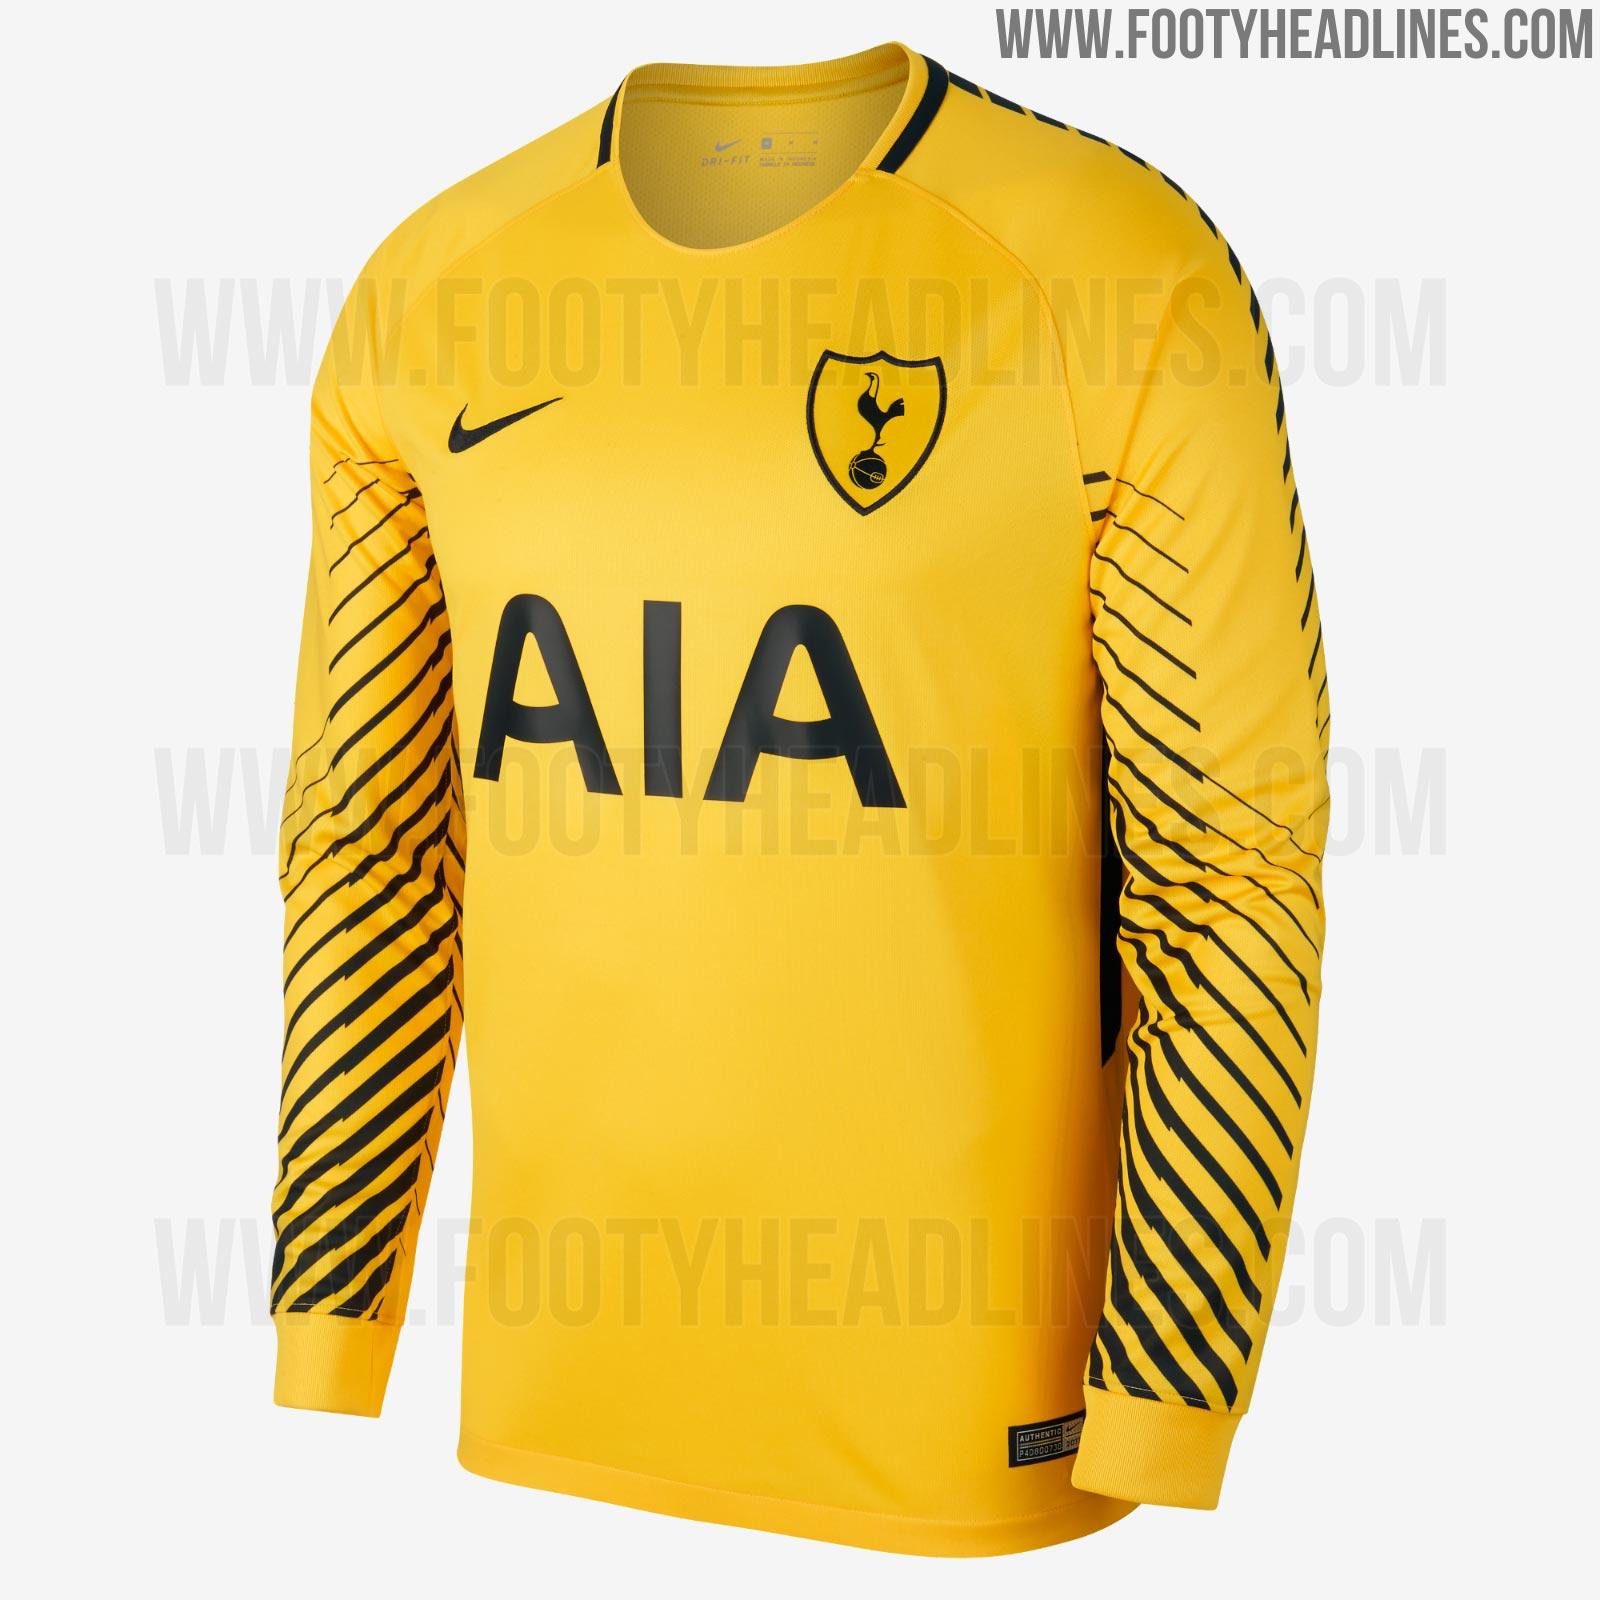 Tottenham Hotspur FC - Audere Est Facere